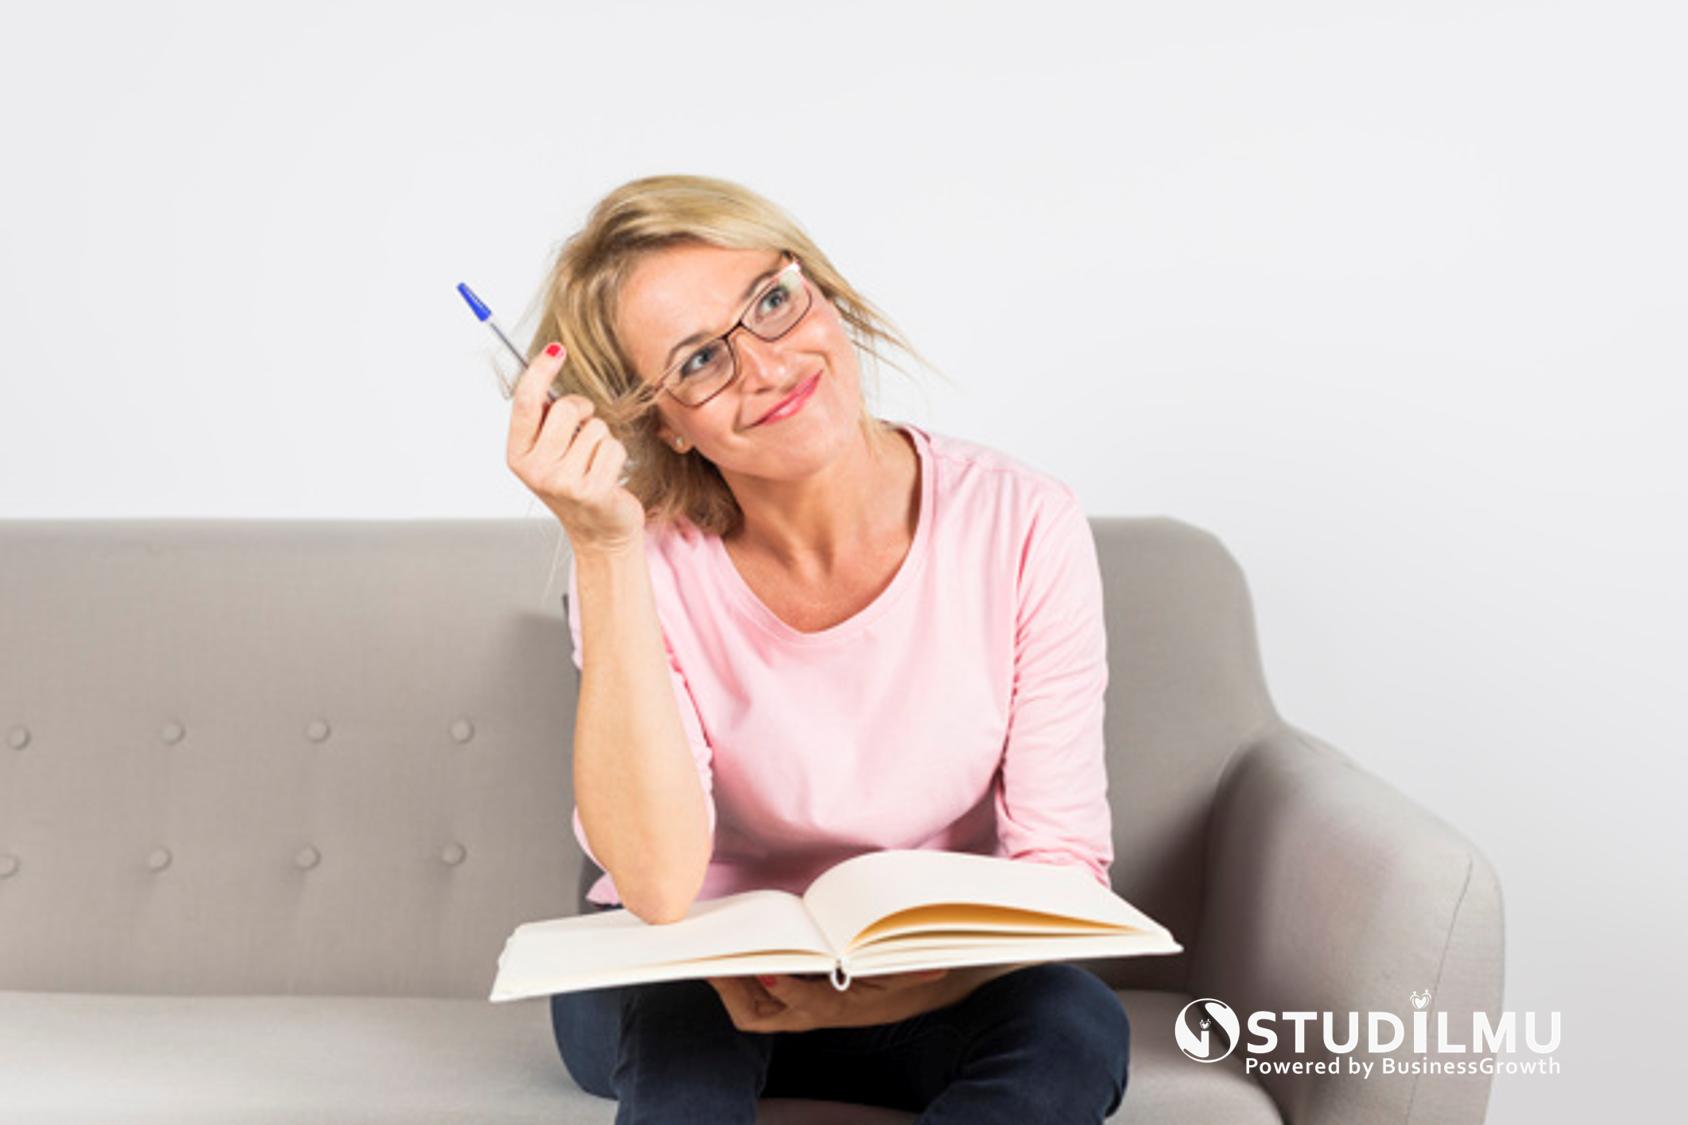 STUDILMU Career Advice - Pengertian Afirmasi dan 10 Afirmasi Positif